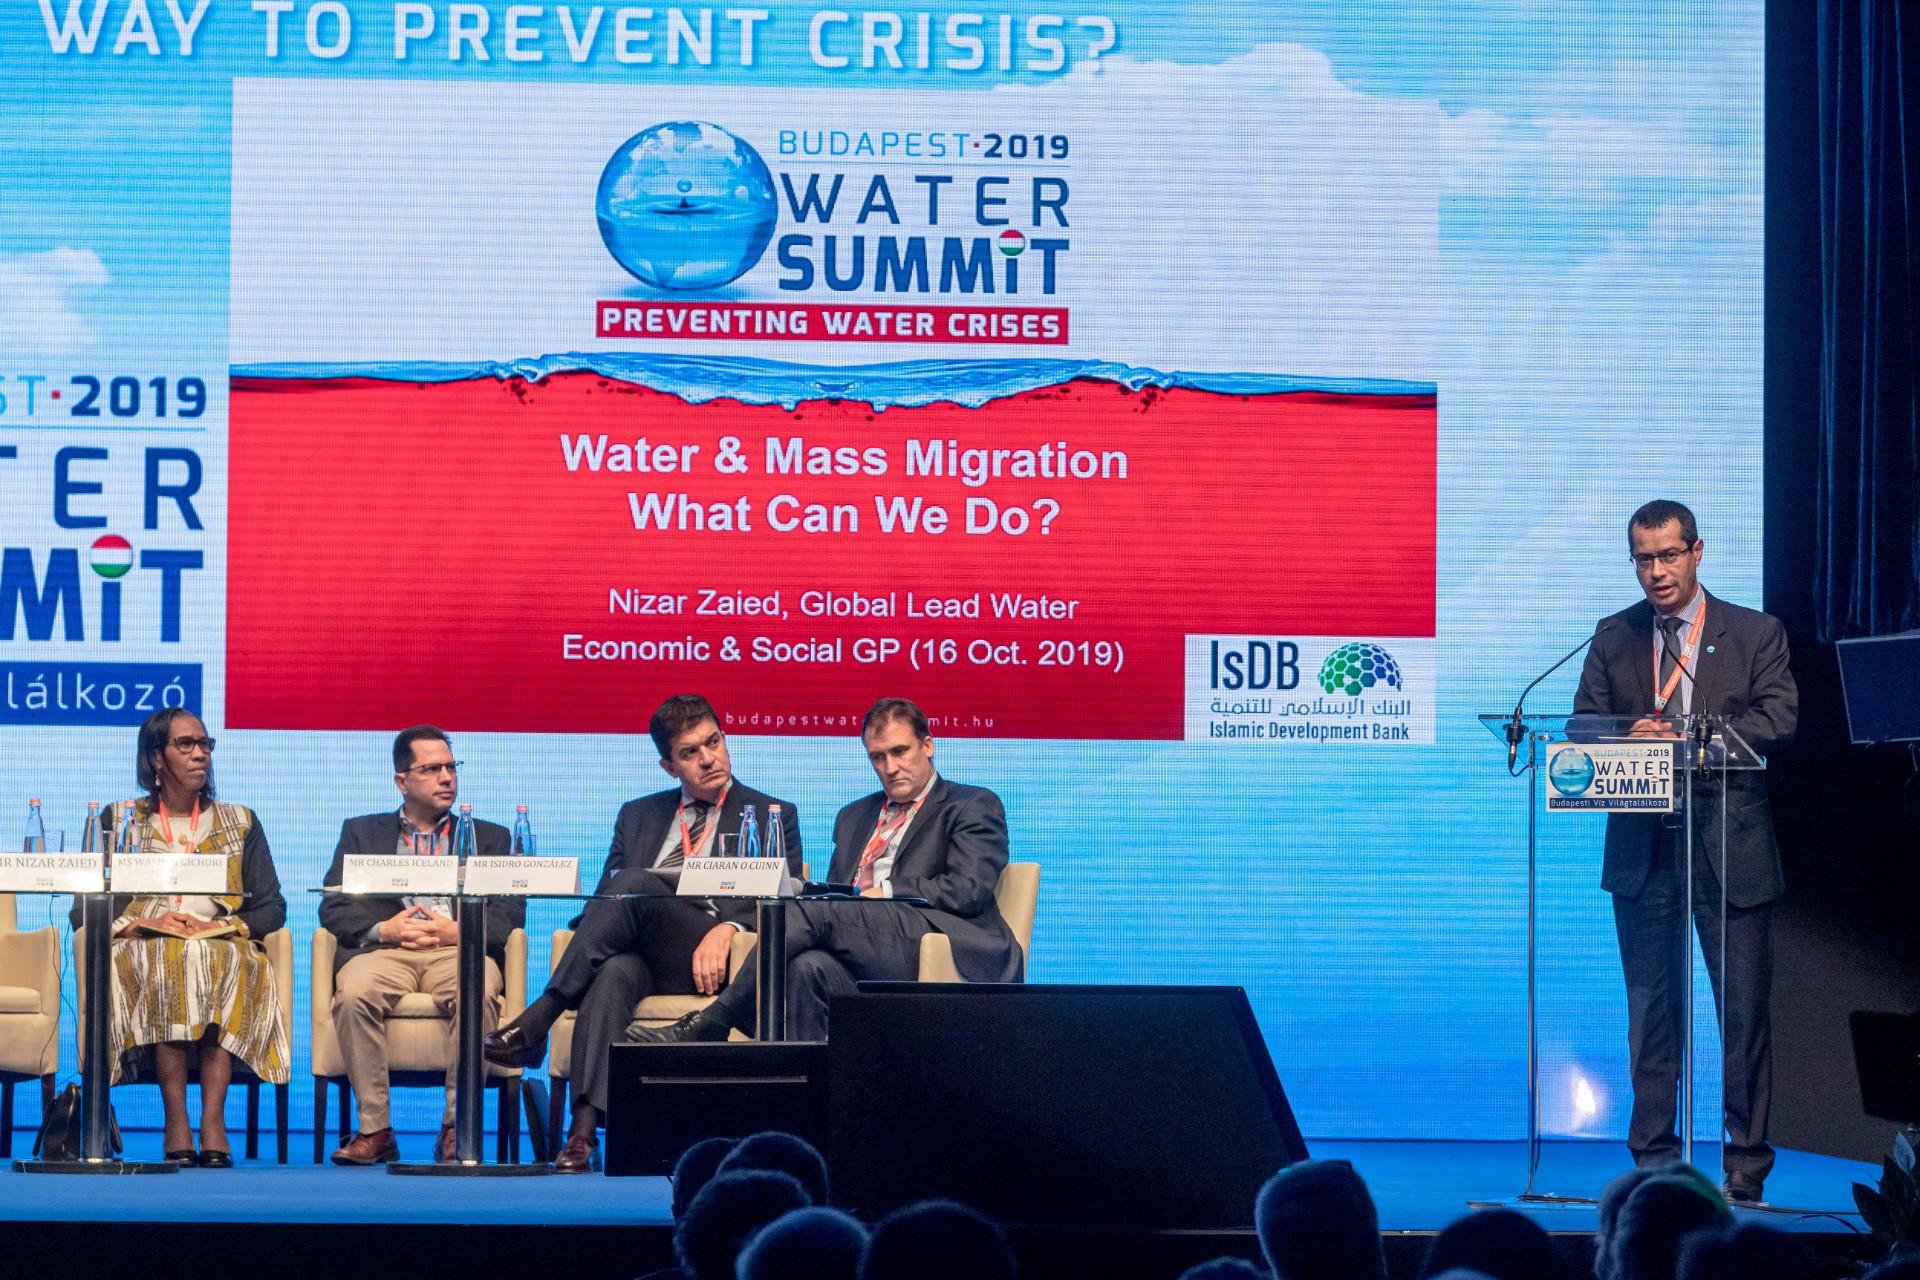 izar Zaied, az Iszlám Fejlesztési Bank infrastruktúráért és városi szolgáltatásokért felelős igazgatója (j) témaindító beszédet mond a Budapesti Víz Világtalálkozó 2019 konferencia második napján rendezett szekcióülésen